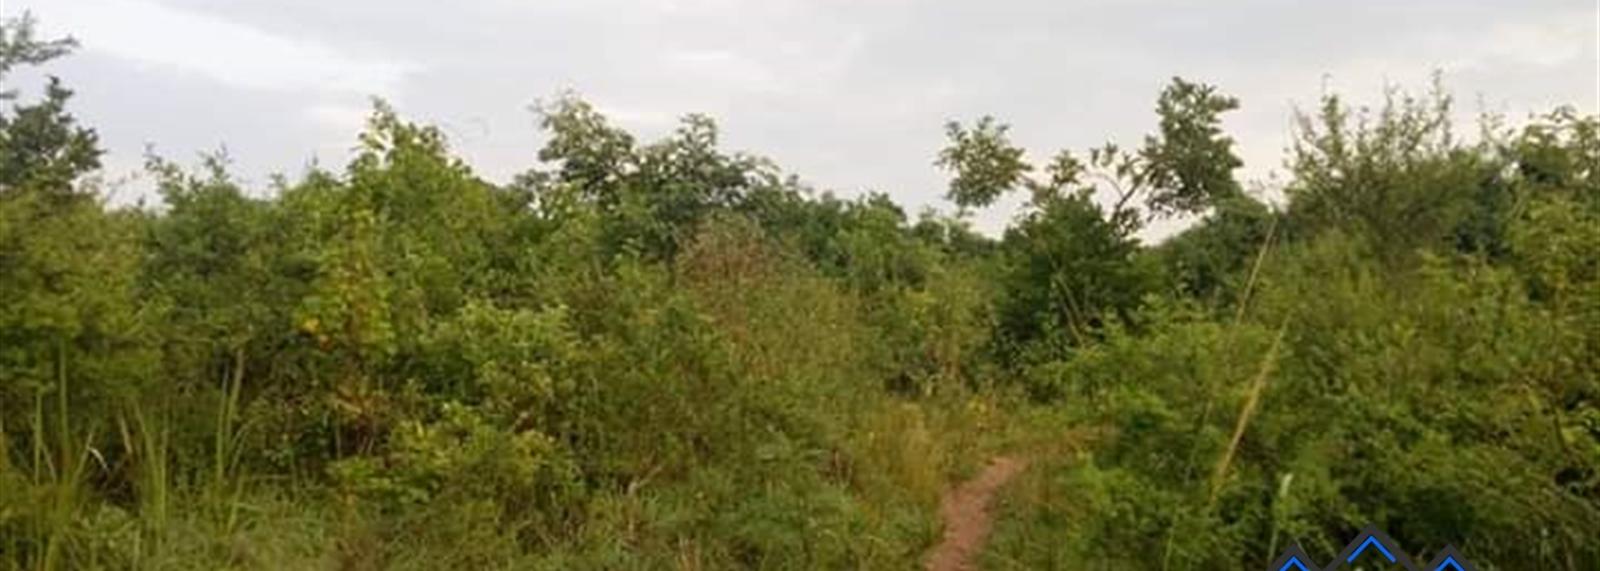 Ziroobwe